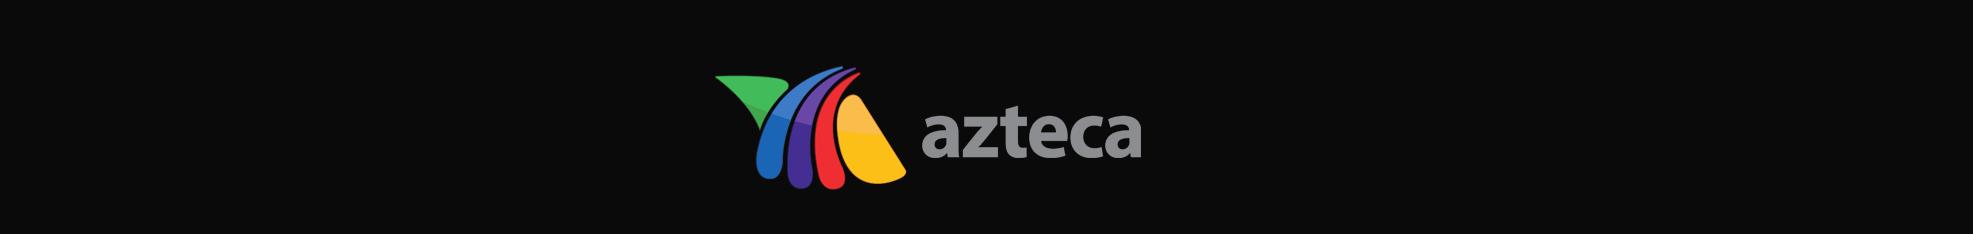 TV_AZTECA_1